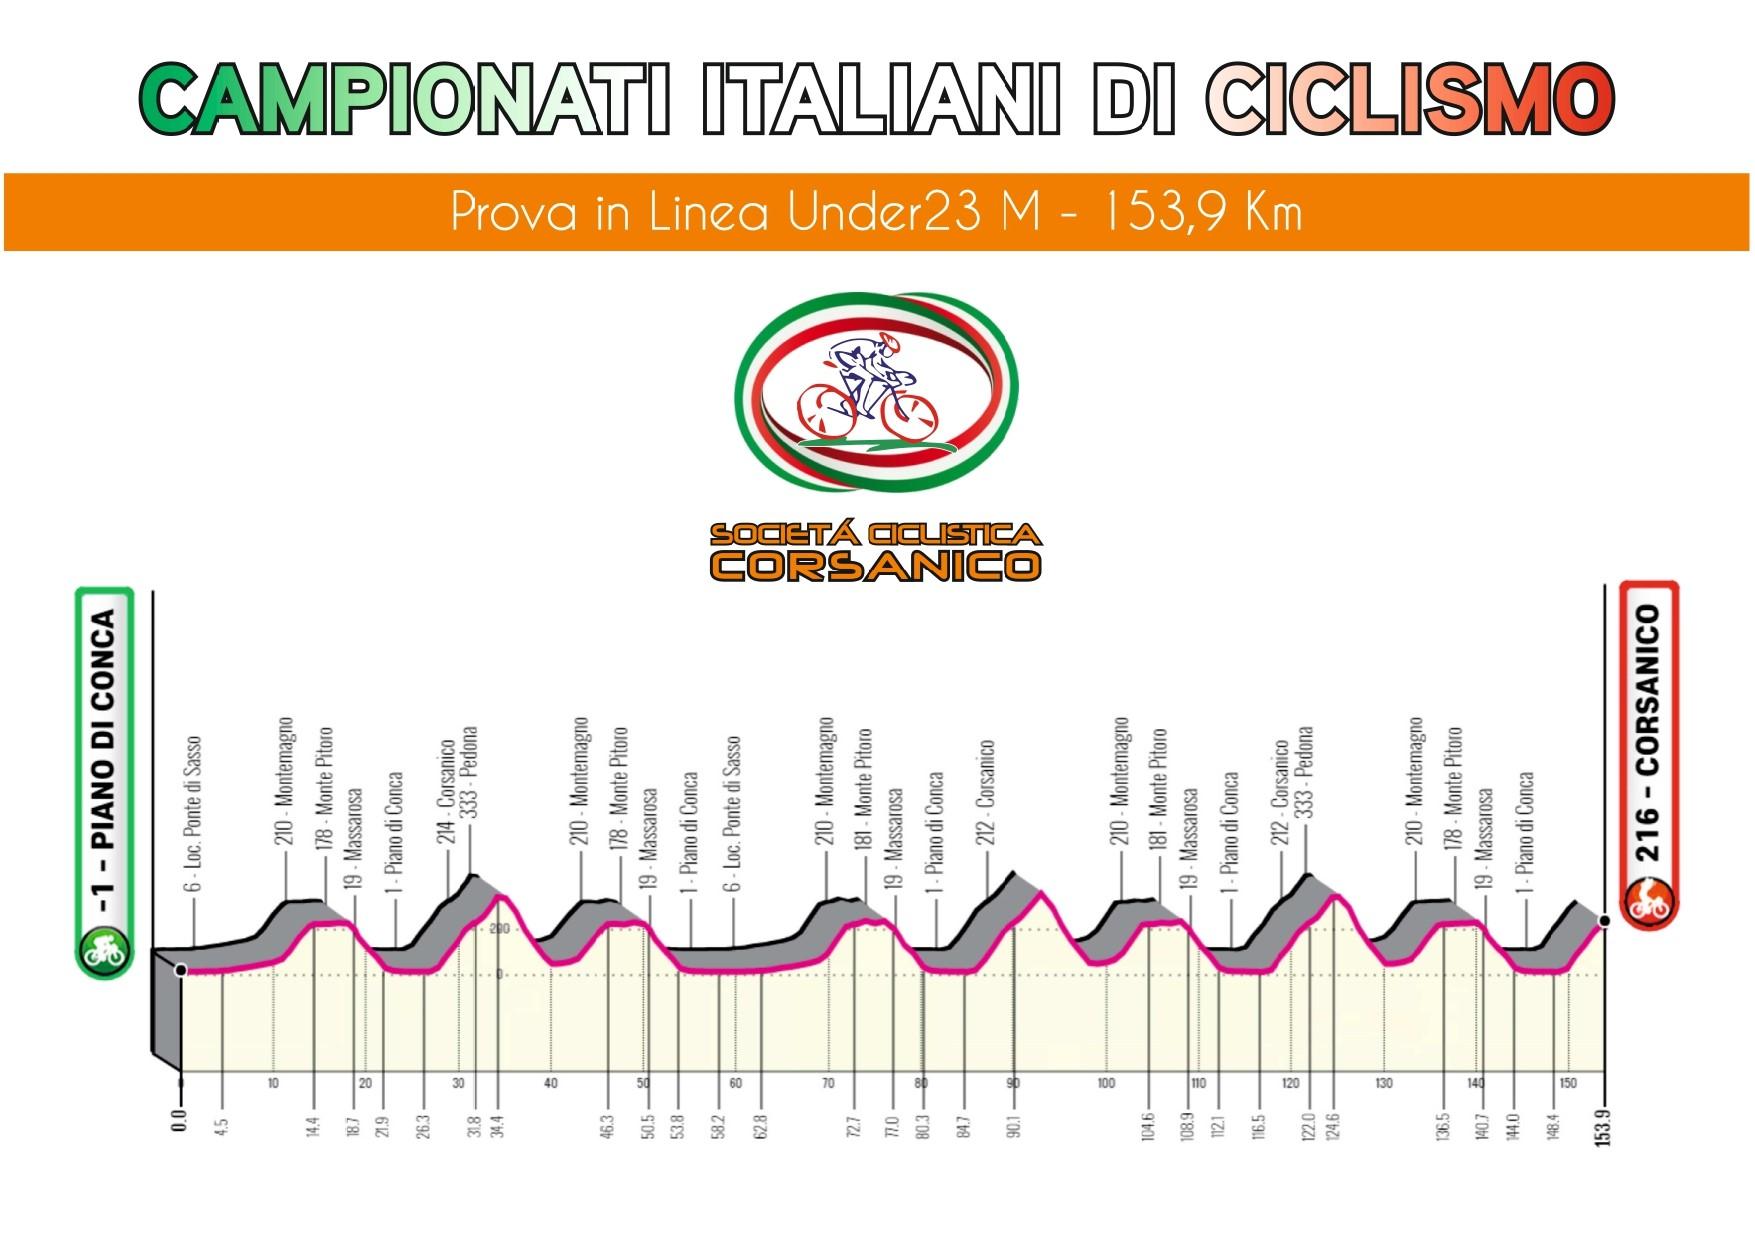 Percorsi Campionati Italiani Under 23 a cronometro e in linea modificati